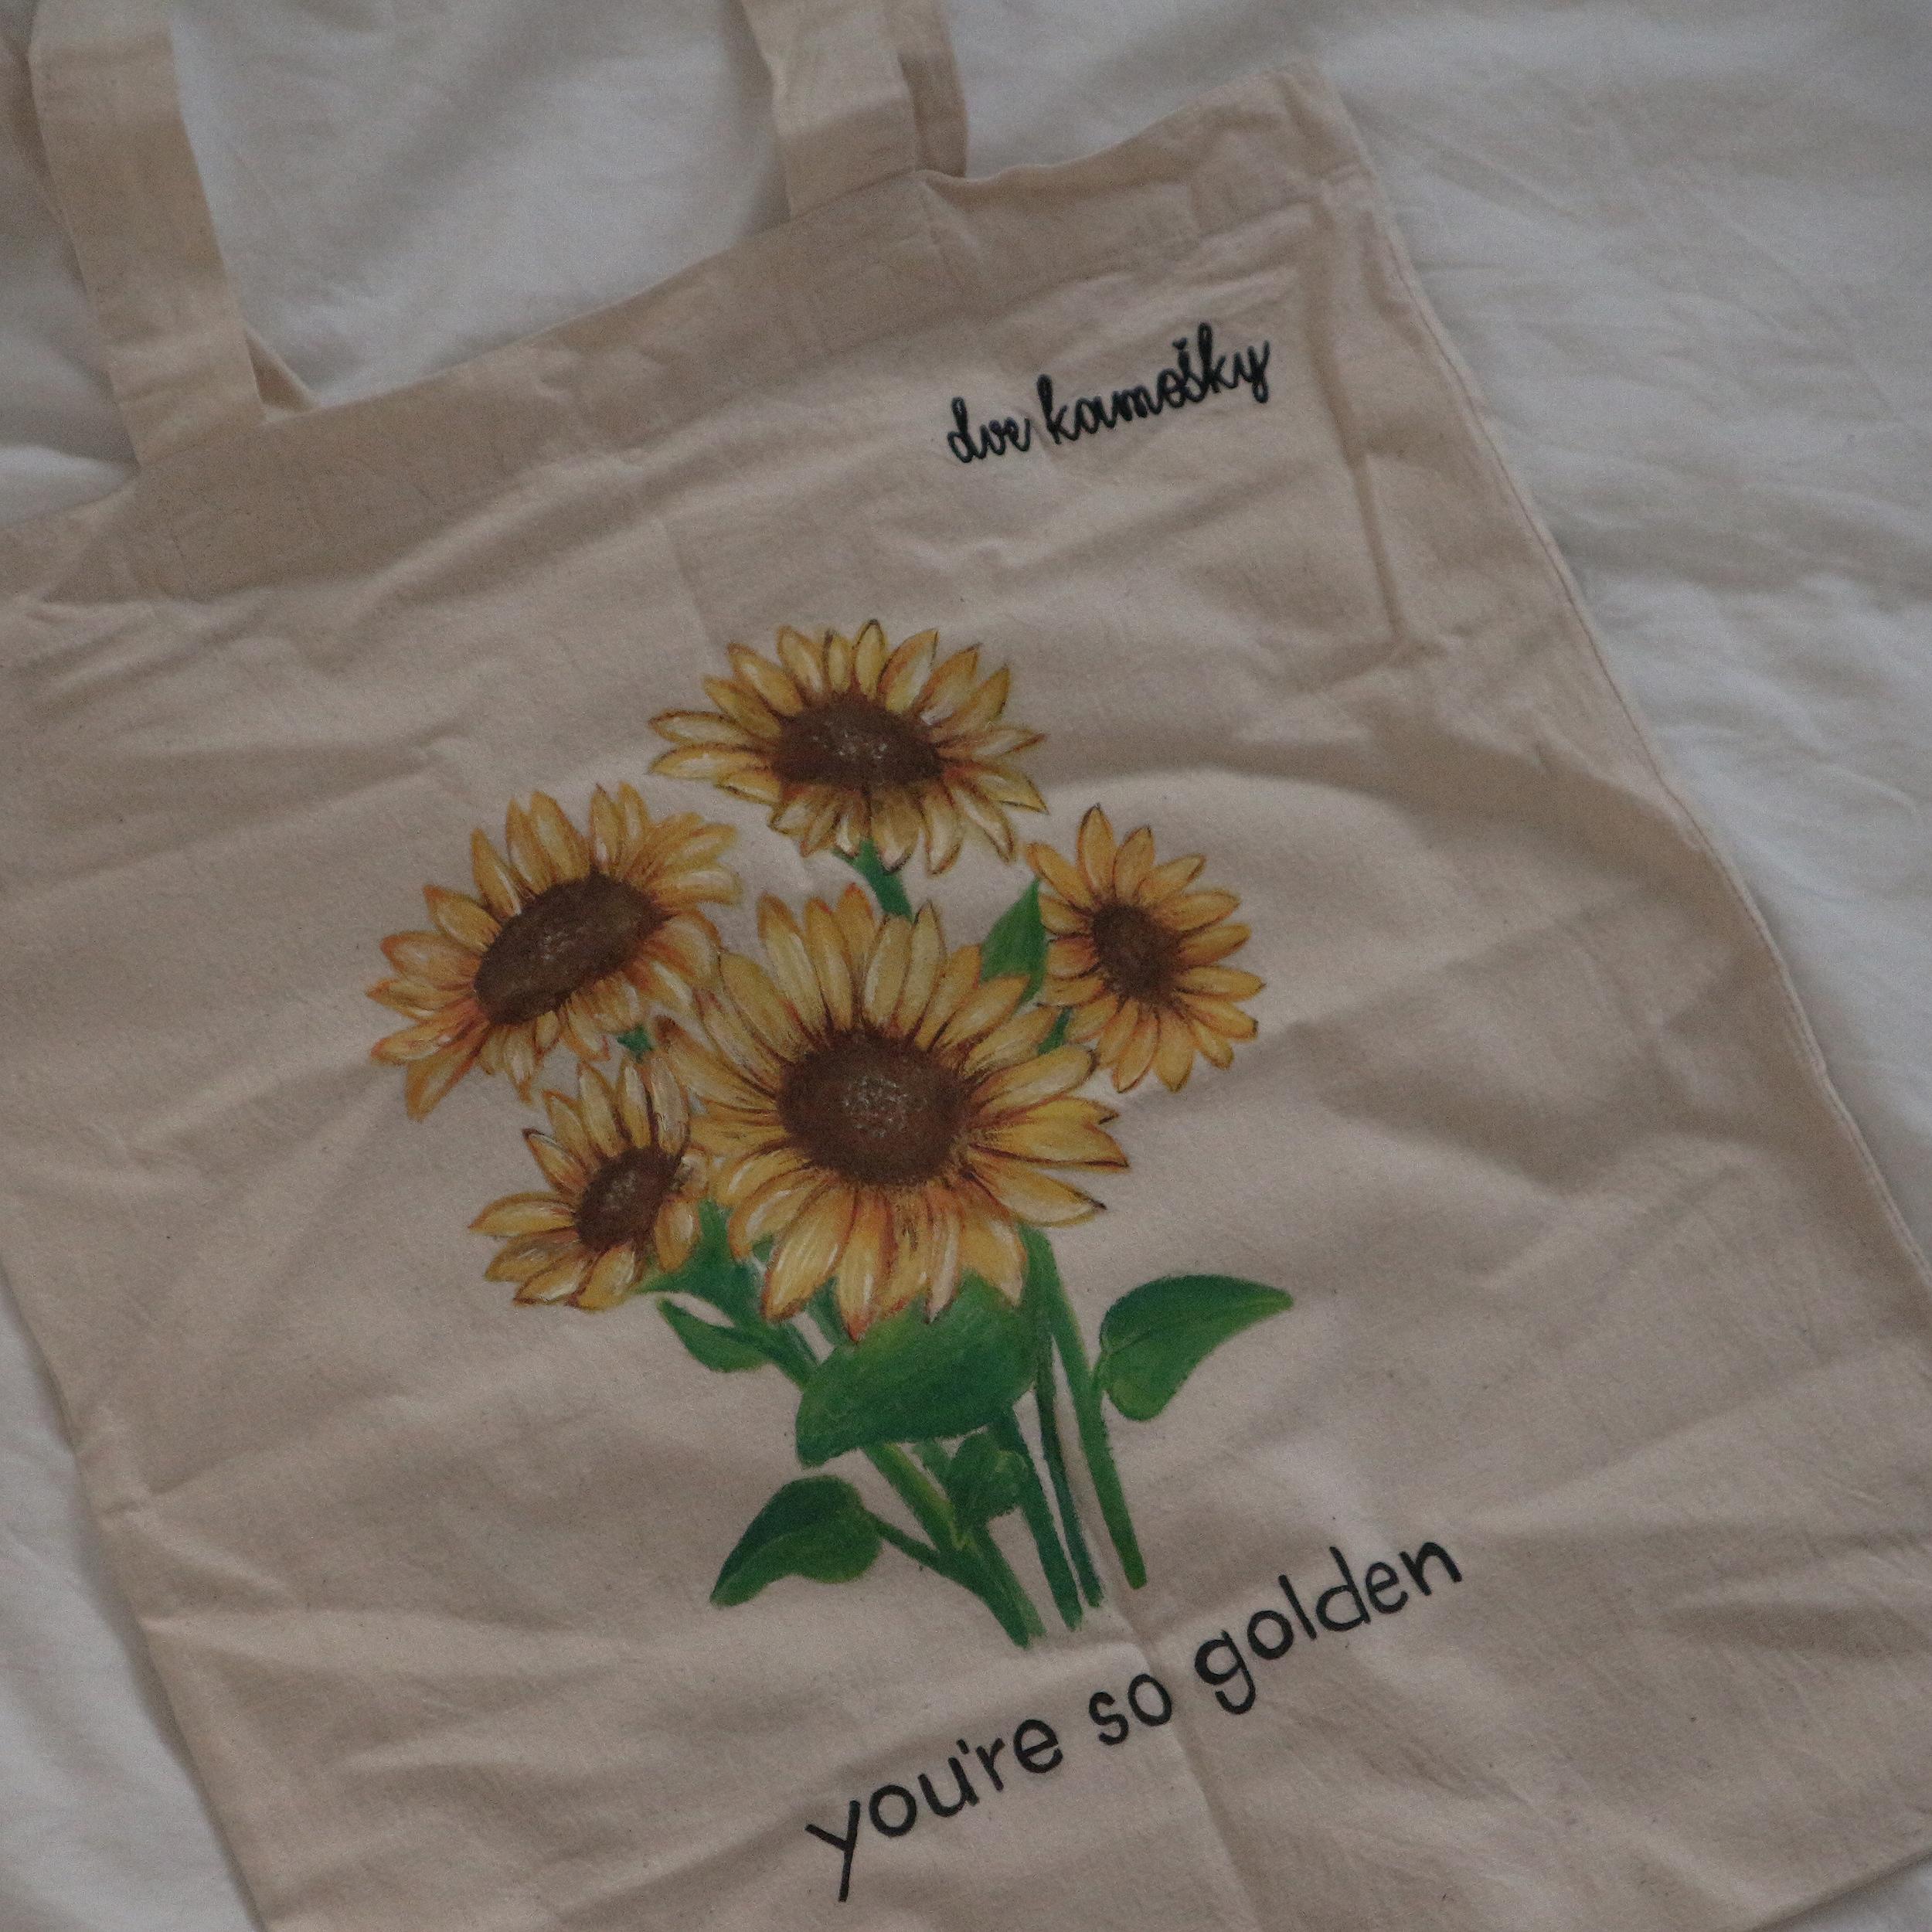 Plátená taška, udržateľné nakupovanie